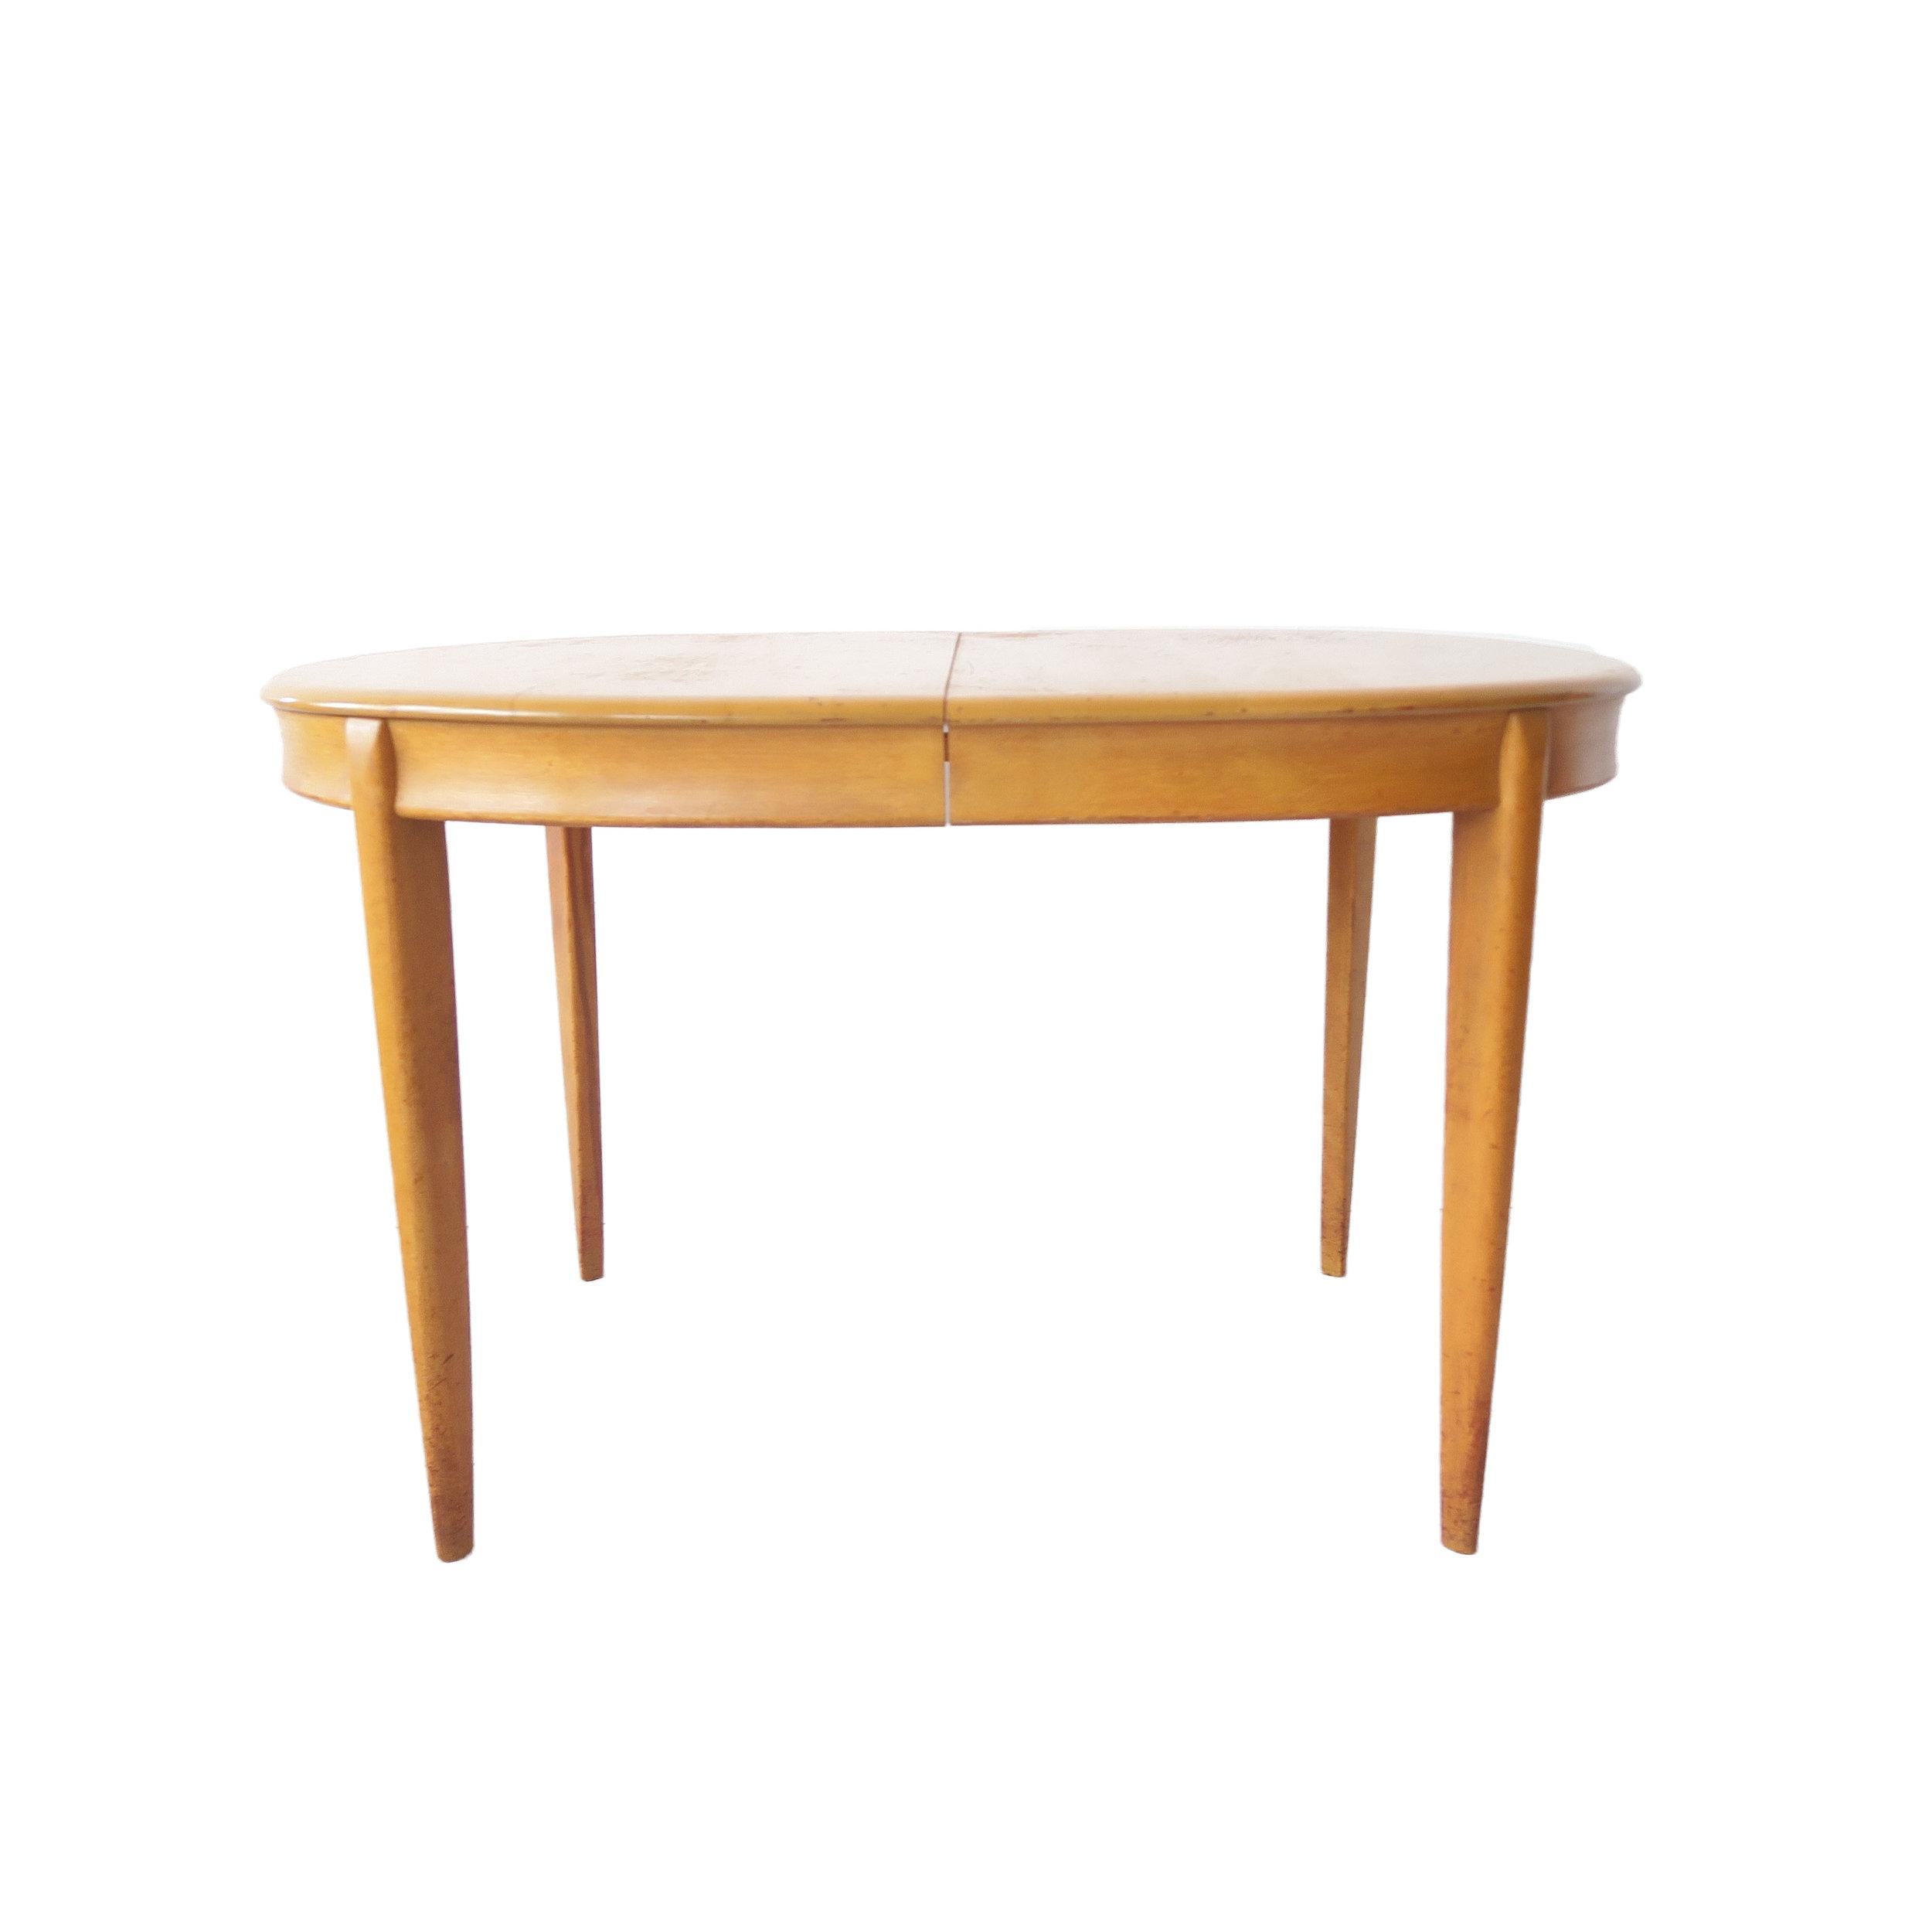 heywood wakefield dining table.jpg